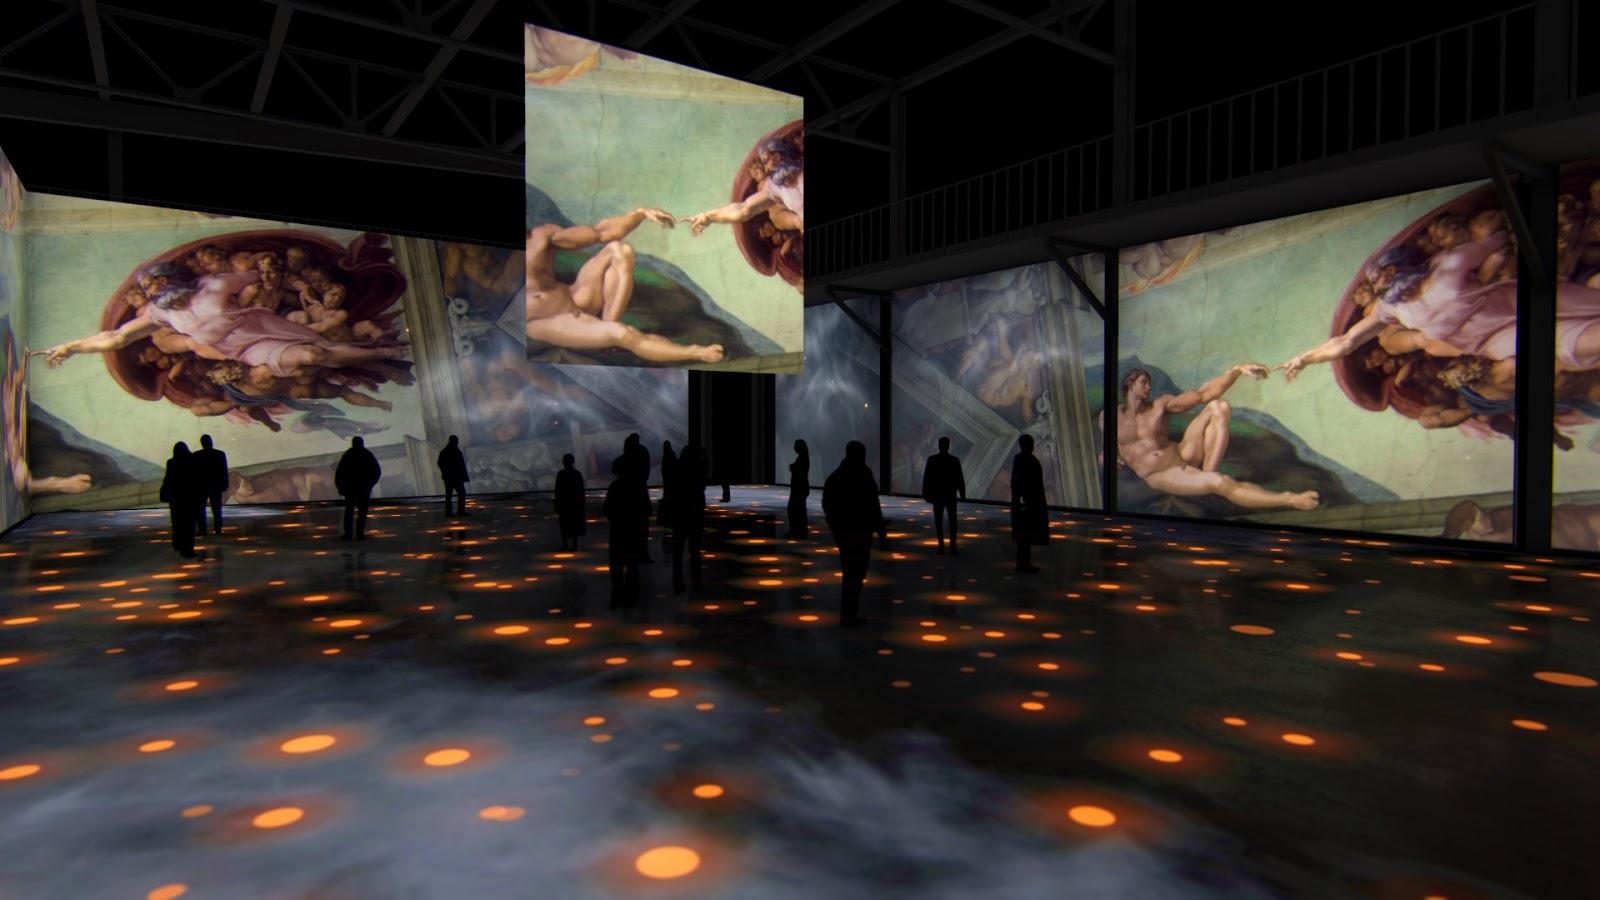 О том, как прошла выставка «Микеланджело. Сикстинская капелла» в Артплее